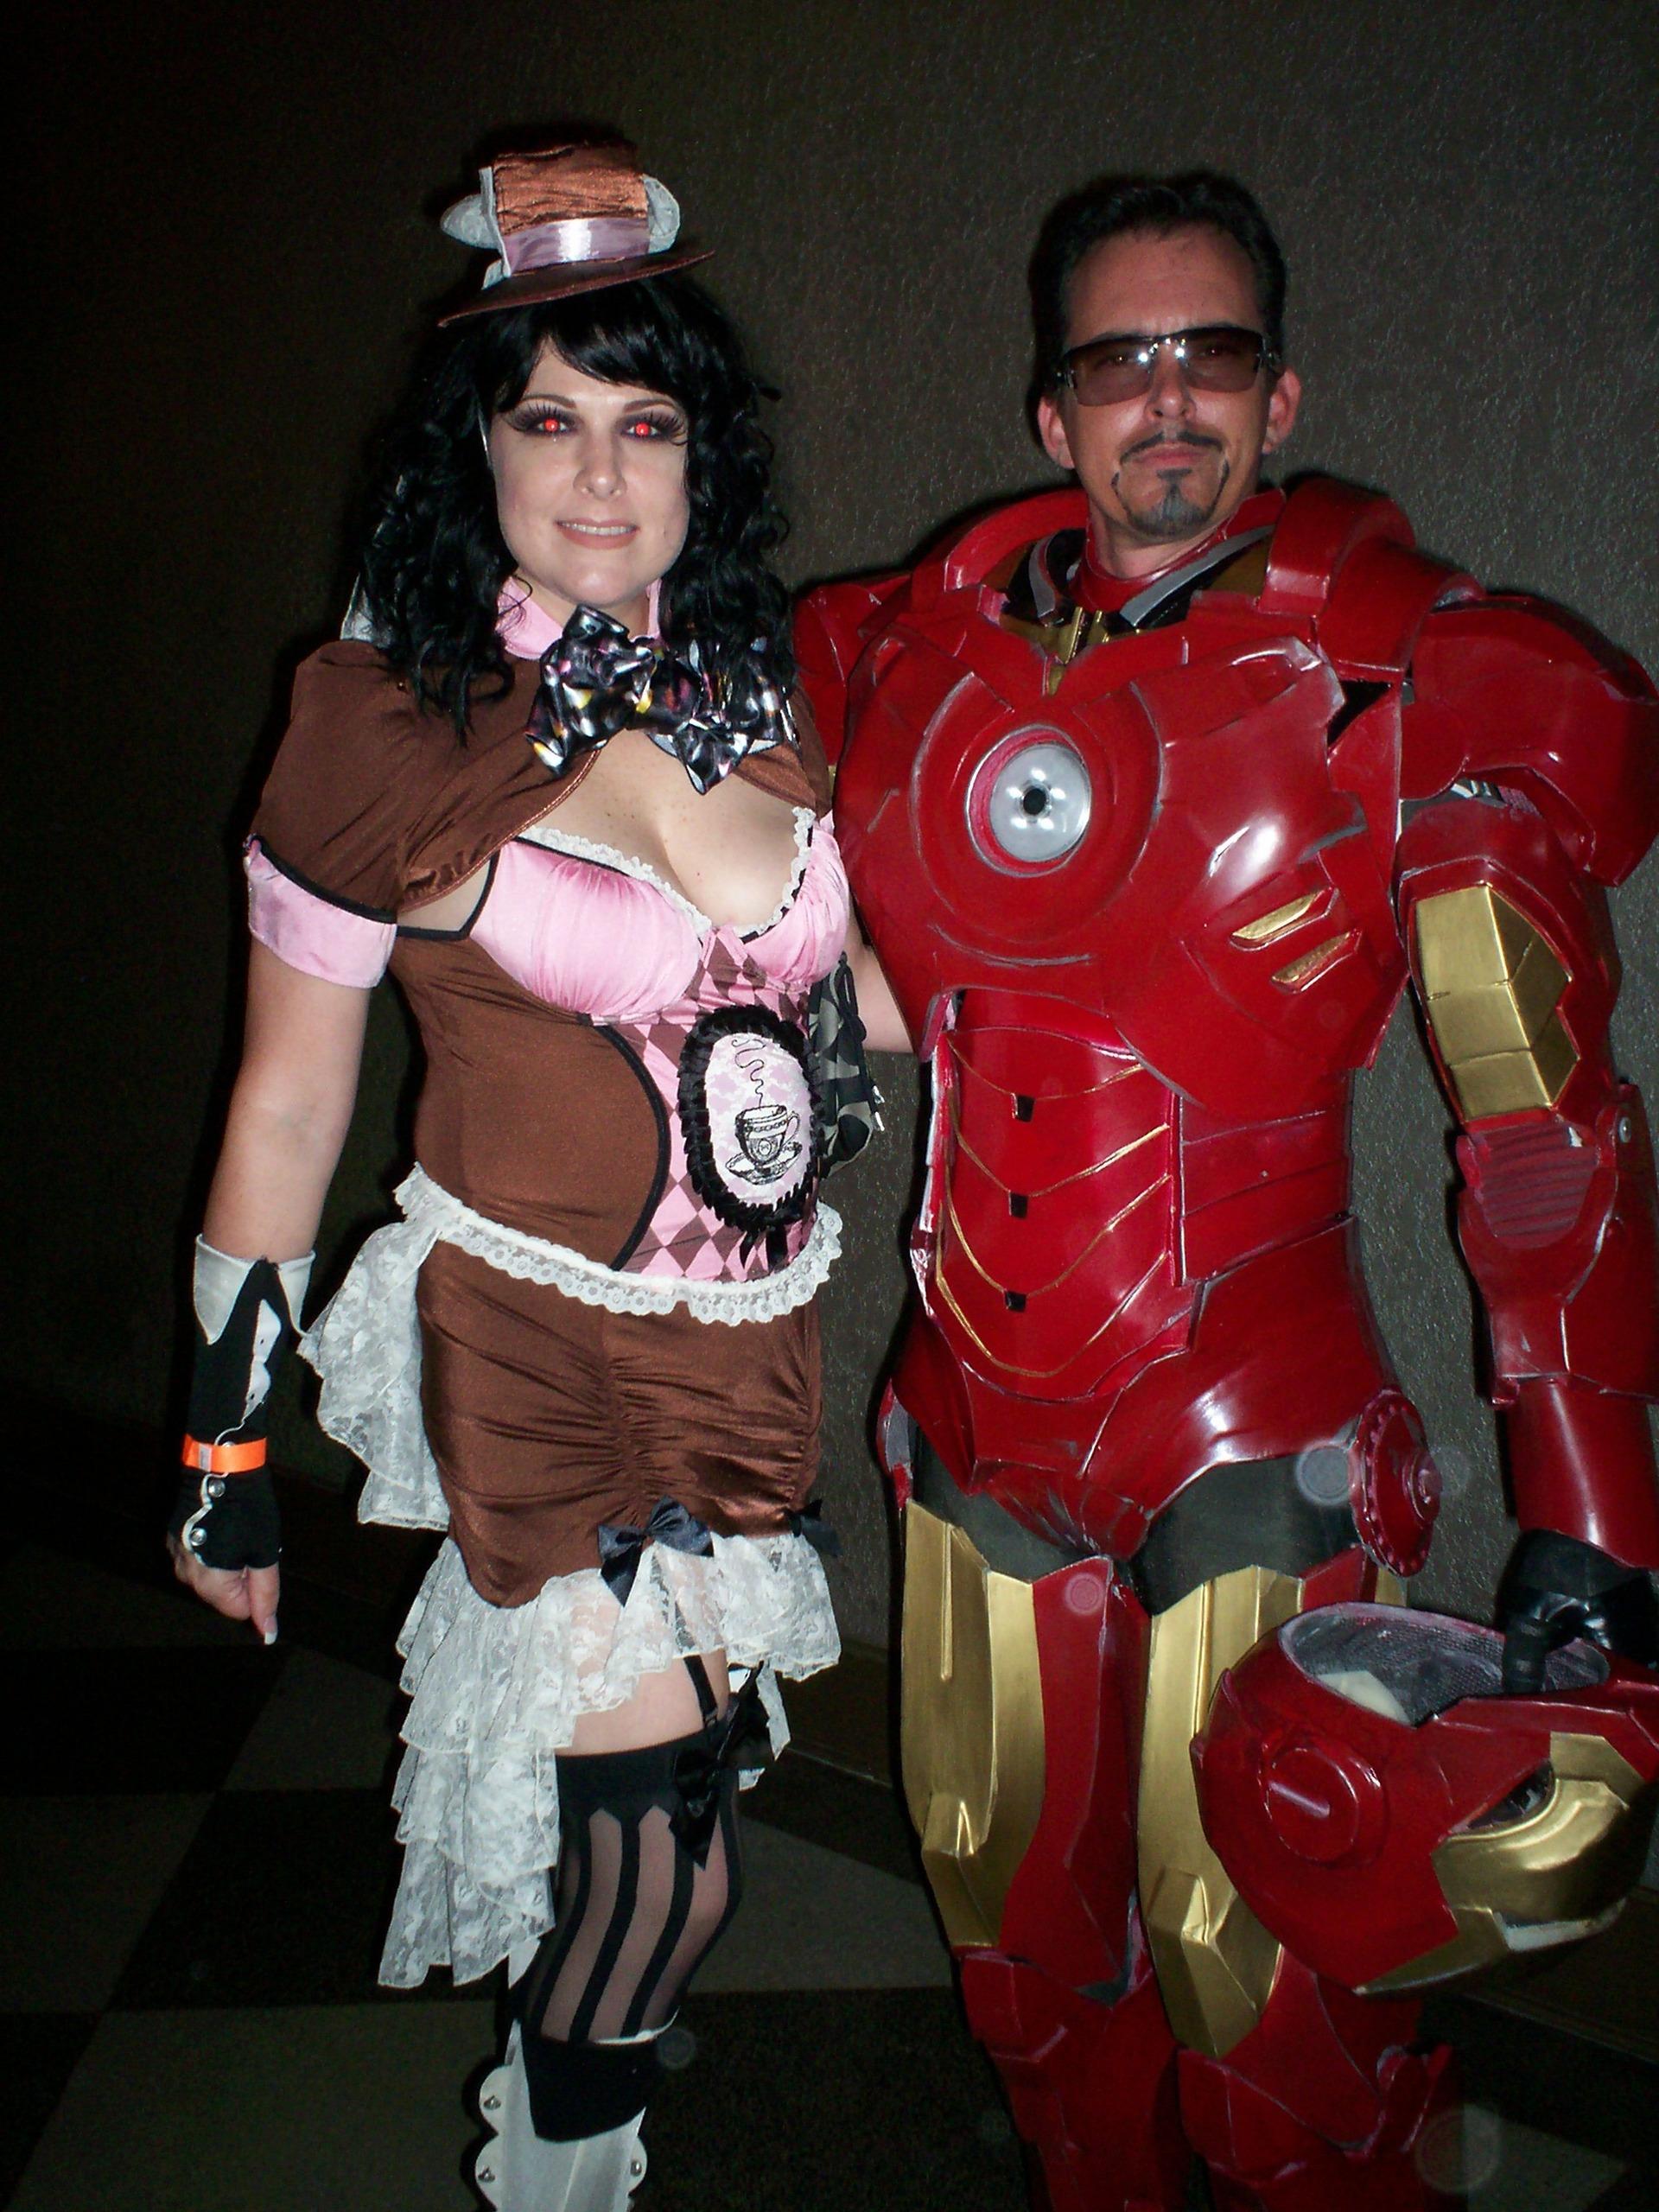 Tony Stark At The Club